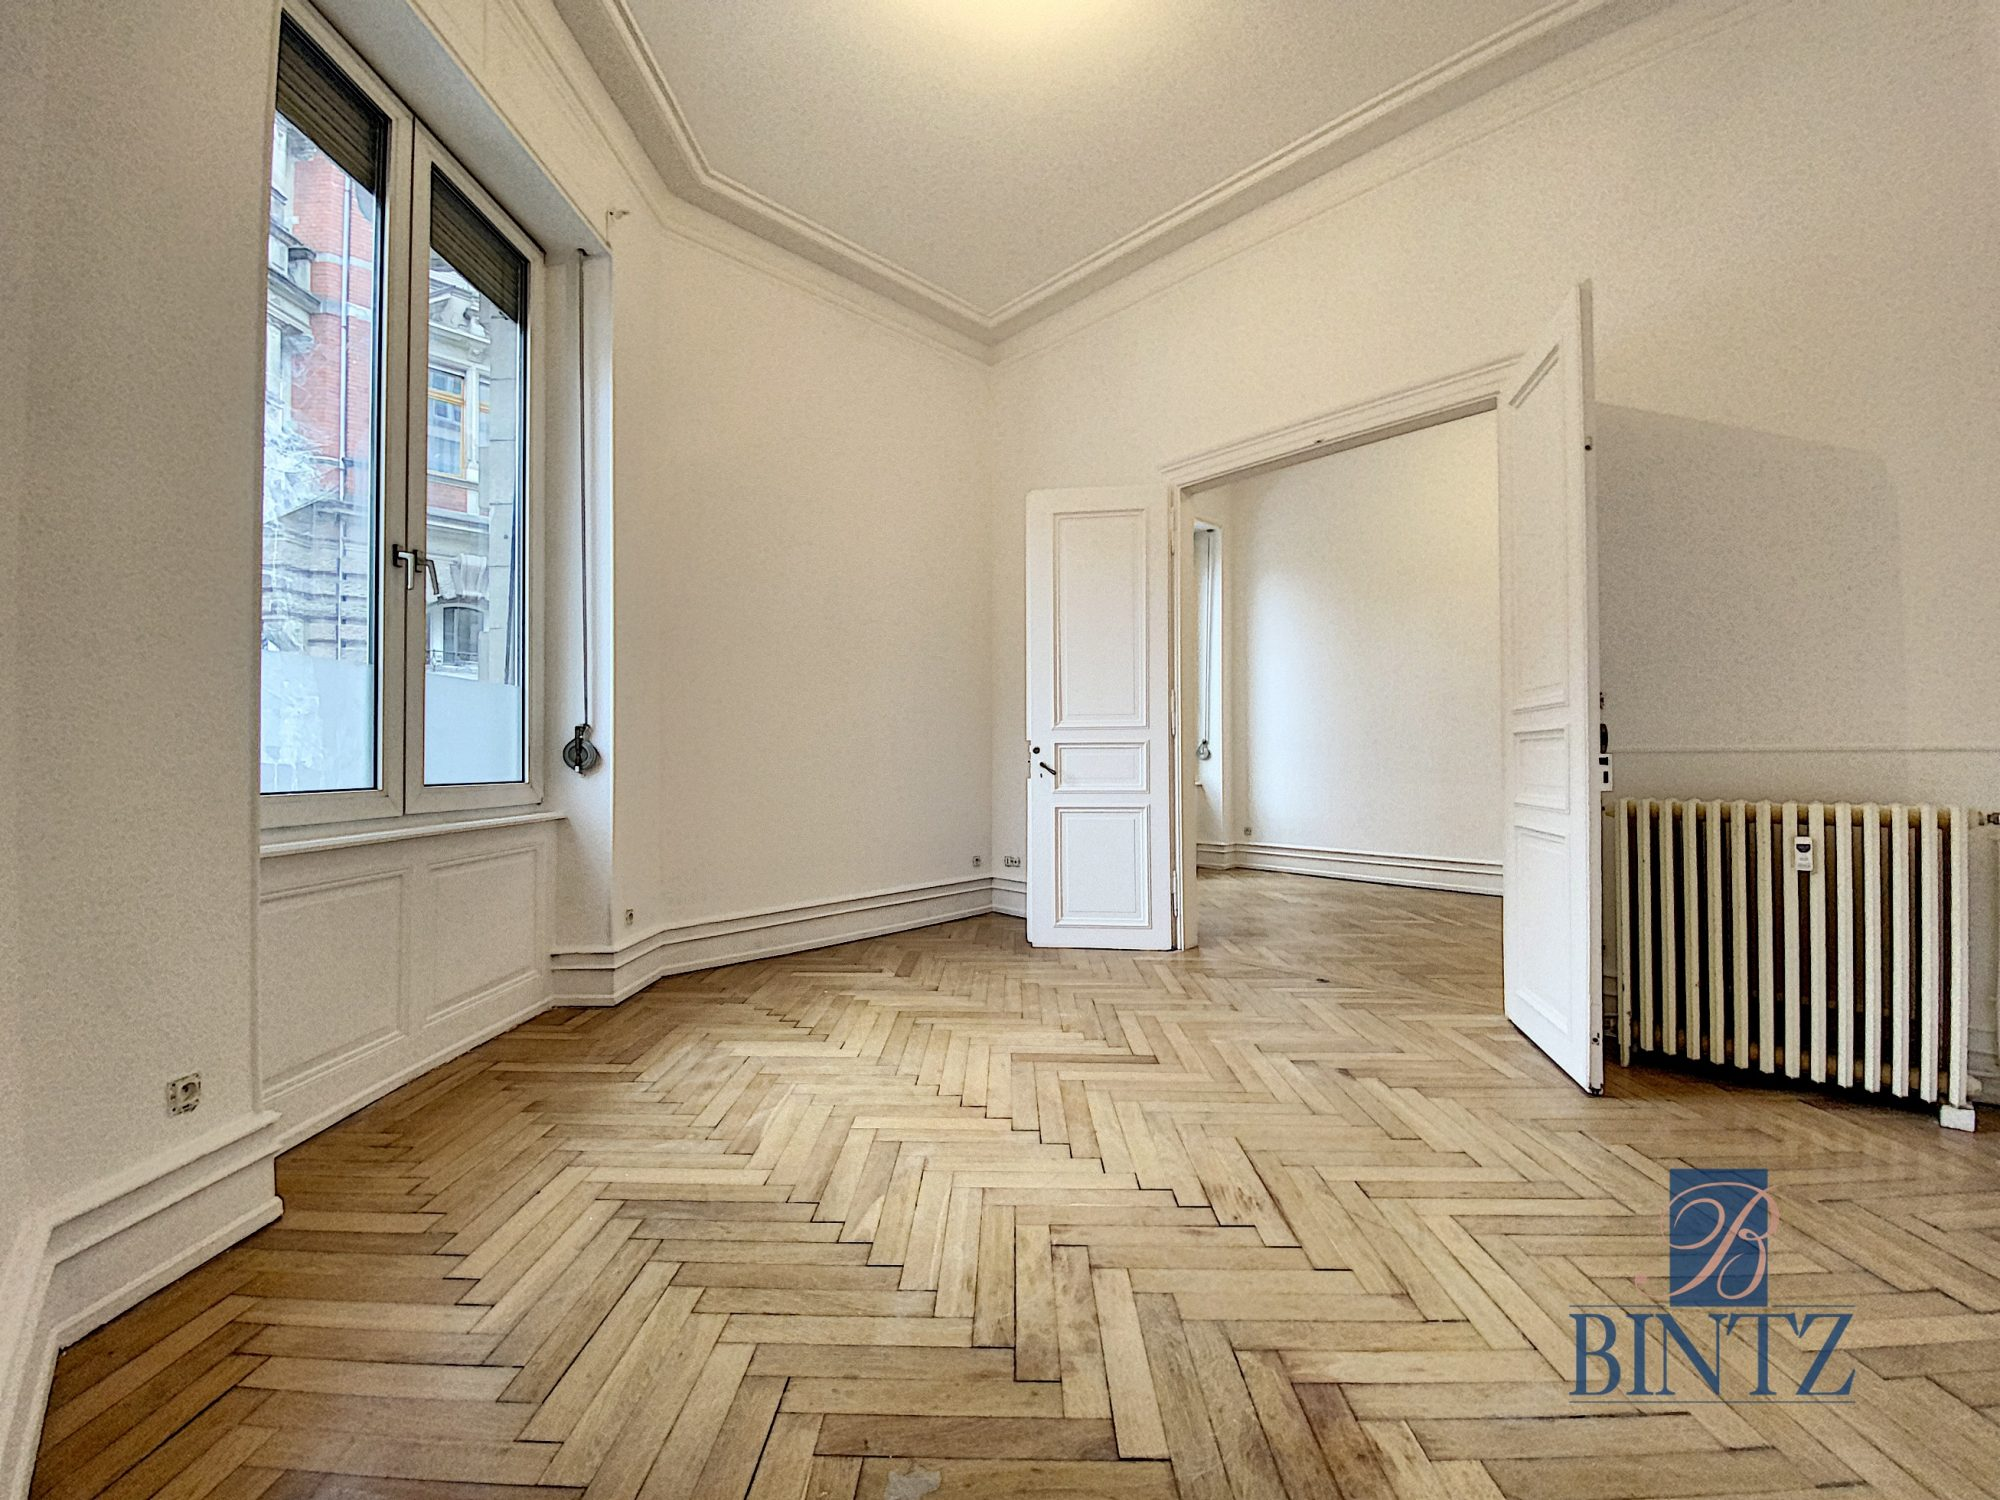 5 pièces rue Wimpheling - Devenez locataire en toute sérénité - Bintz Immobilier - 14